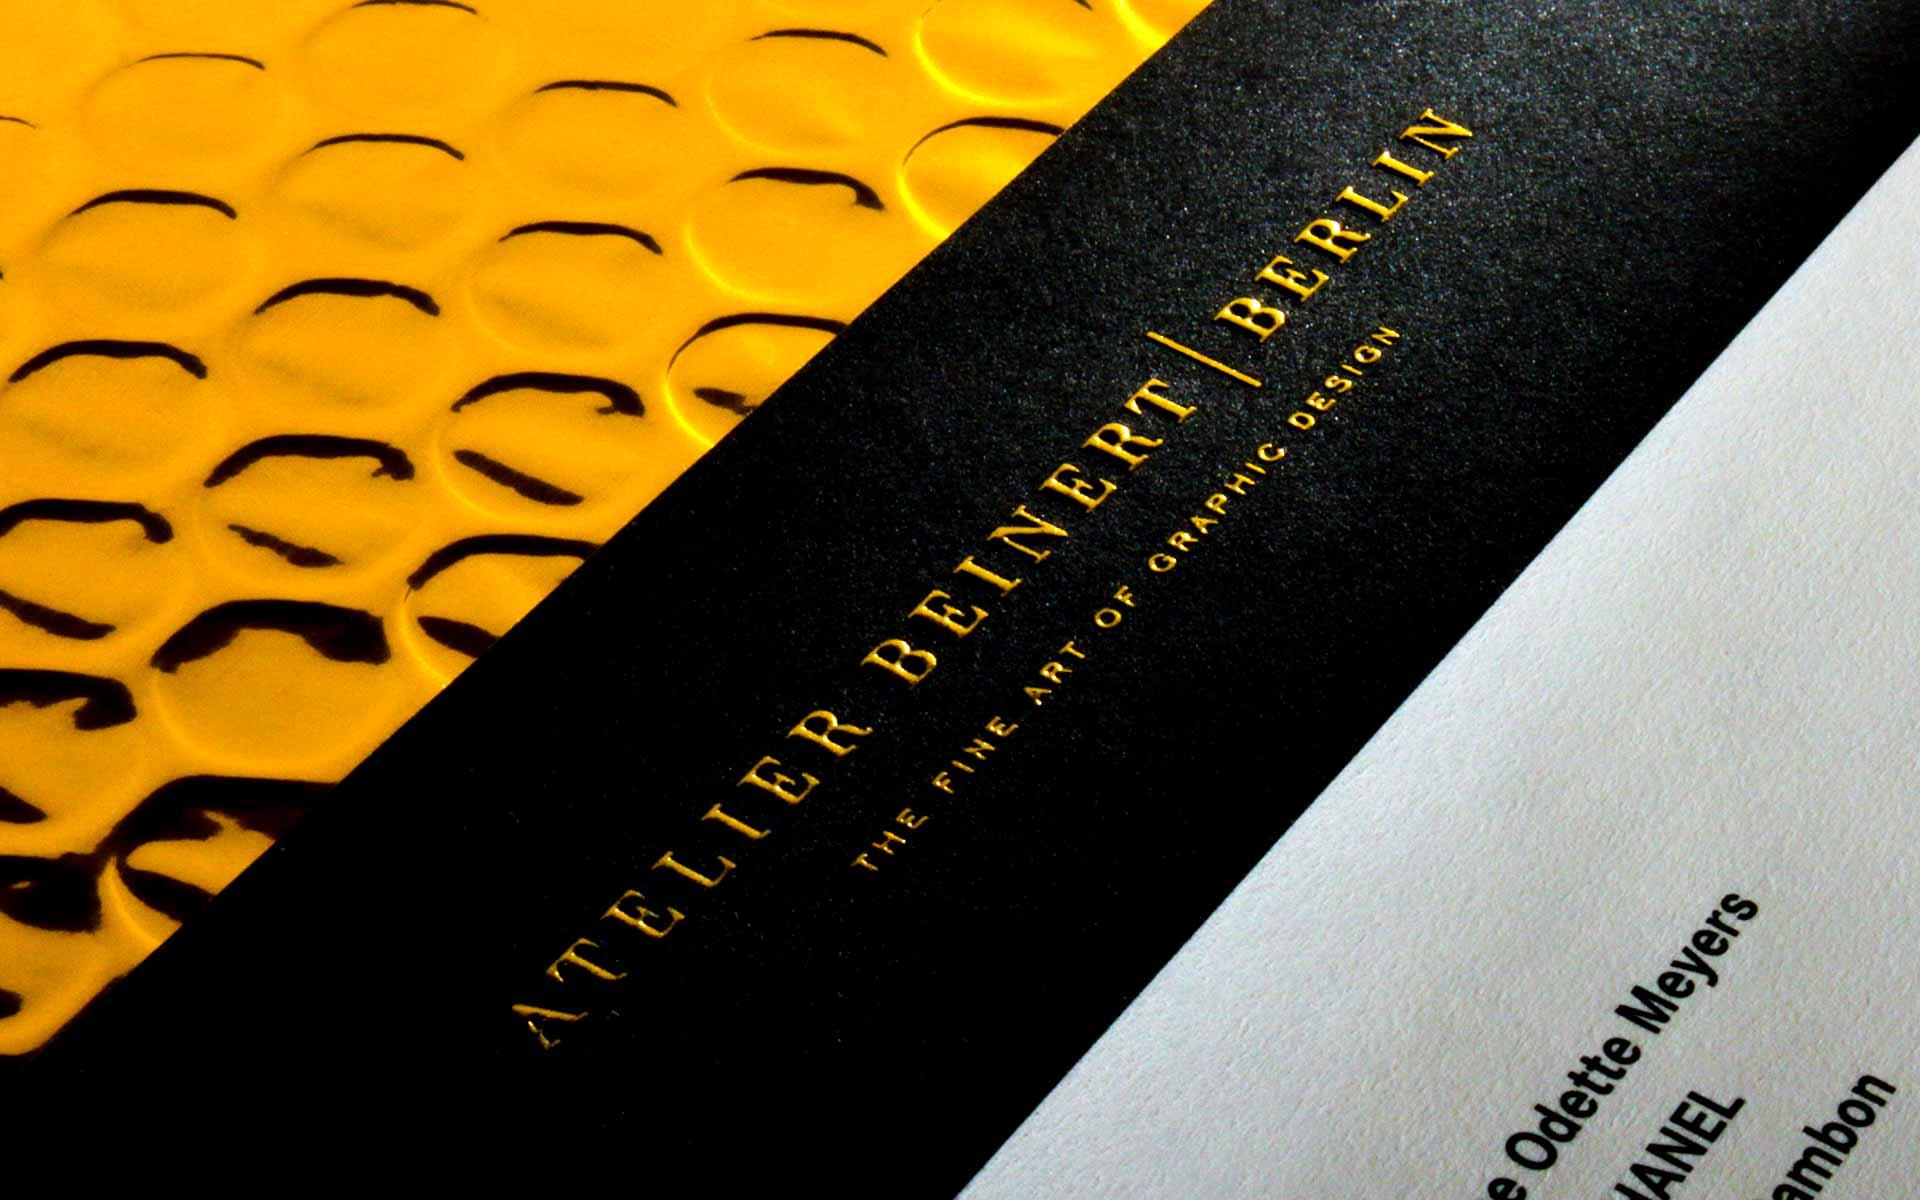 Druckveredelung, Blindprägung mit goldender Heißfolienprägung auf einer texturierten Etikette.